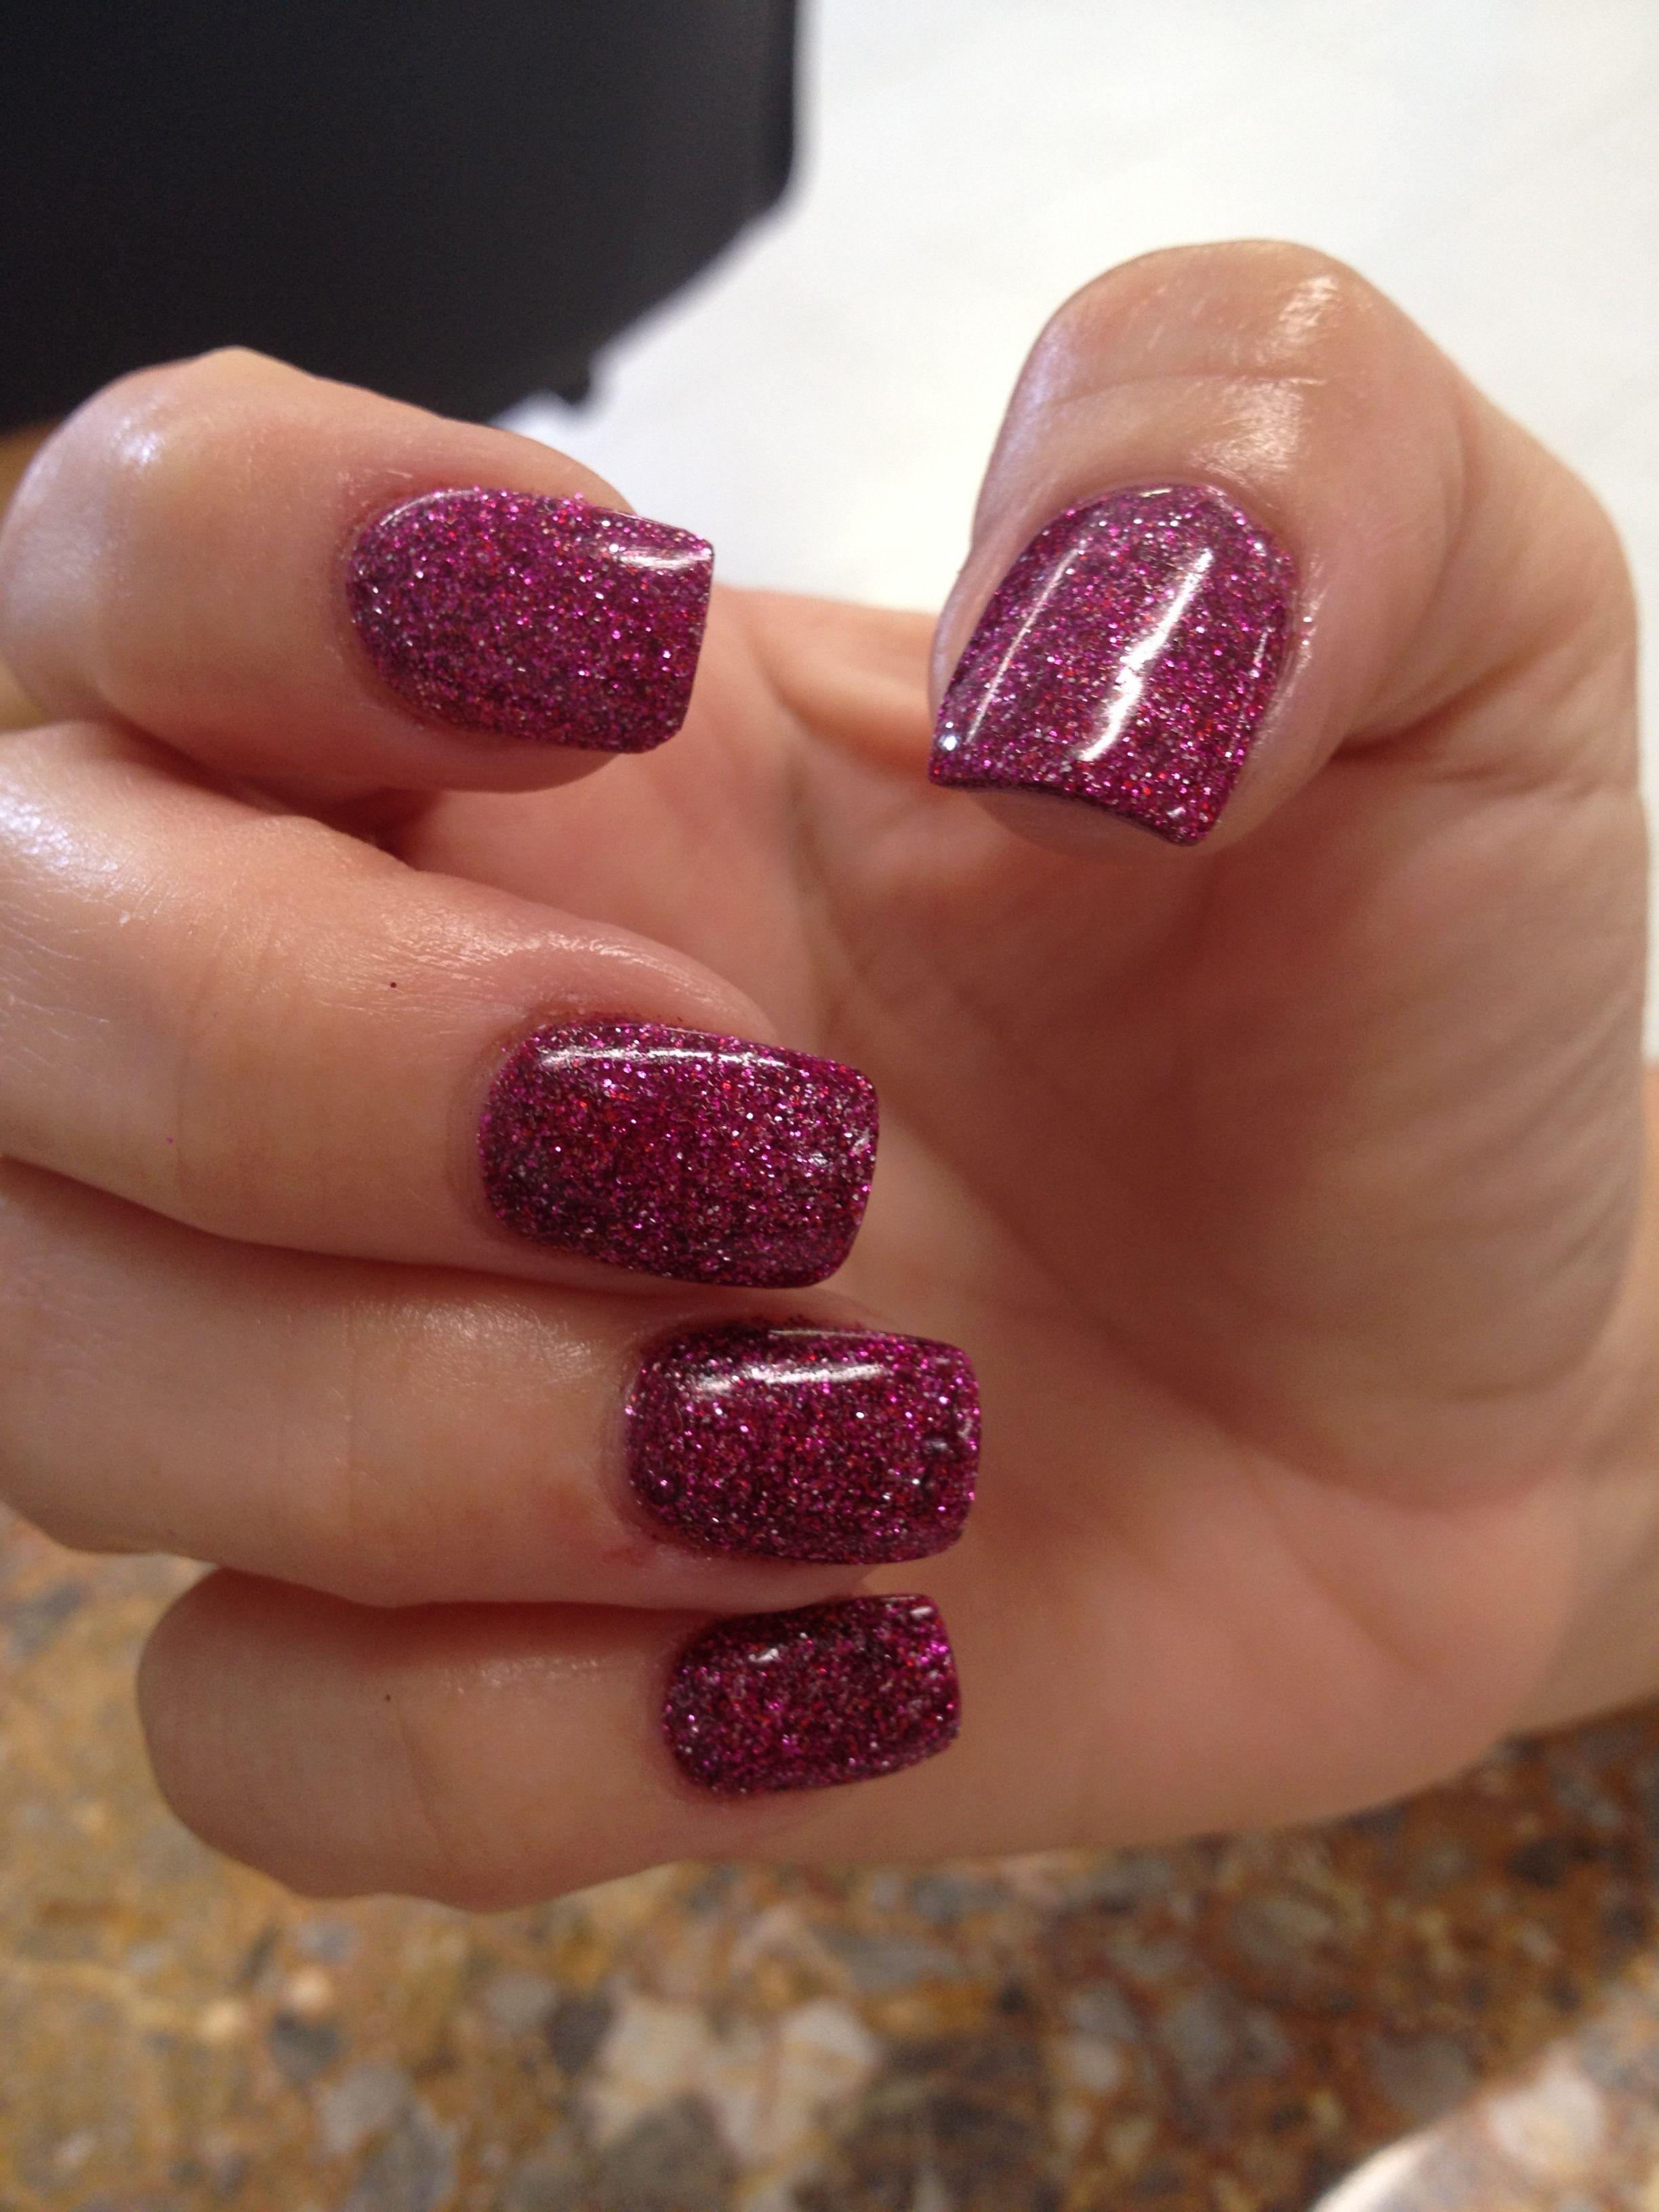 Sns gel nails | Nails | Pinterest | Nail nail, Sns nails and Makeup ...